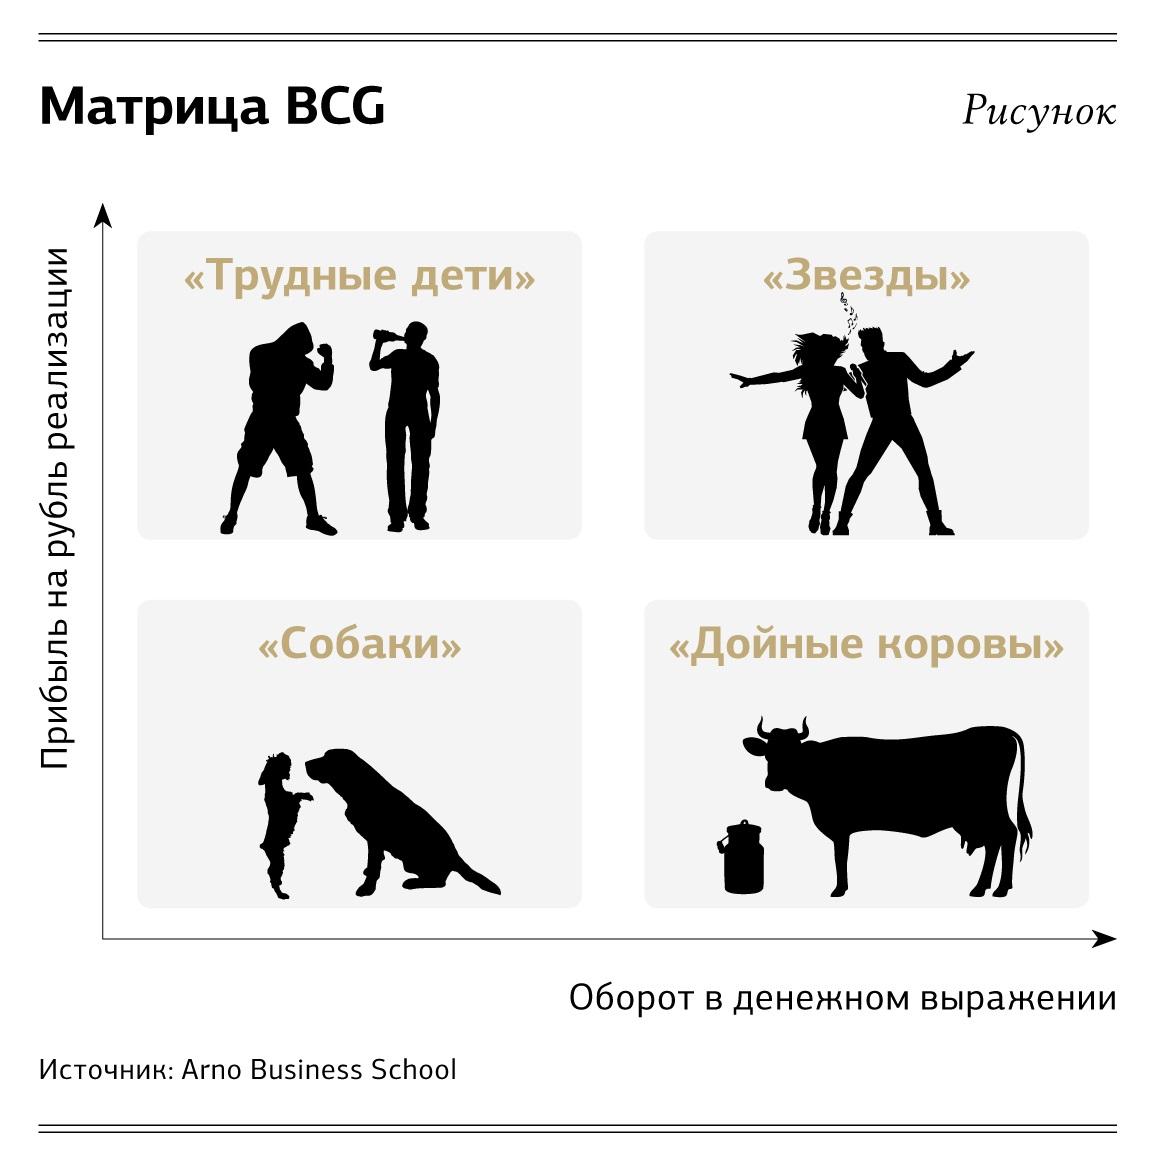 бизнес с дойными коровами